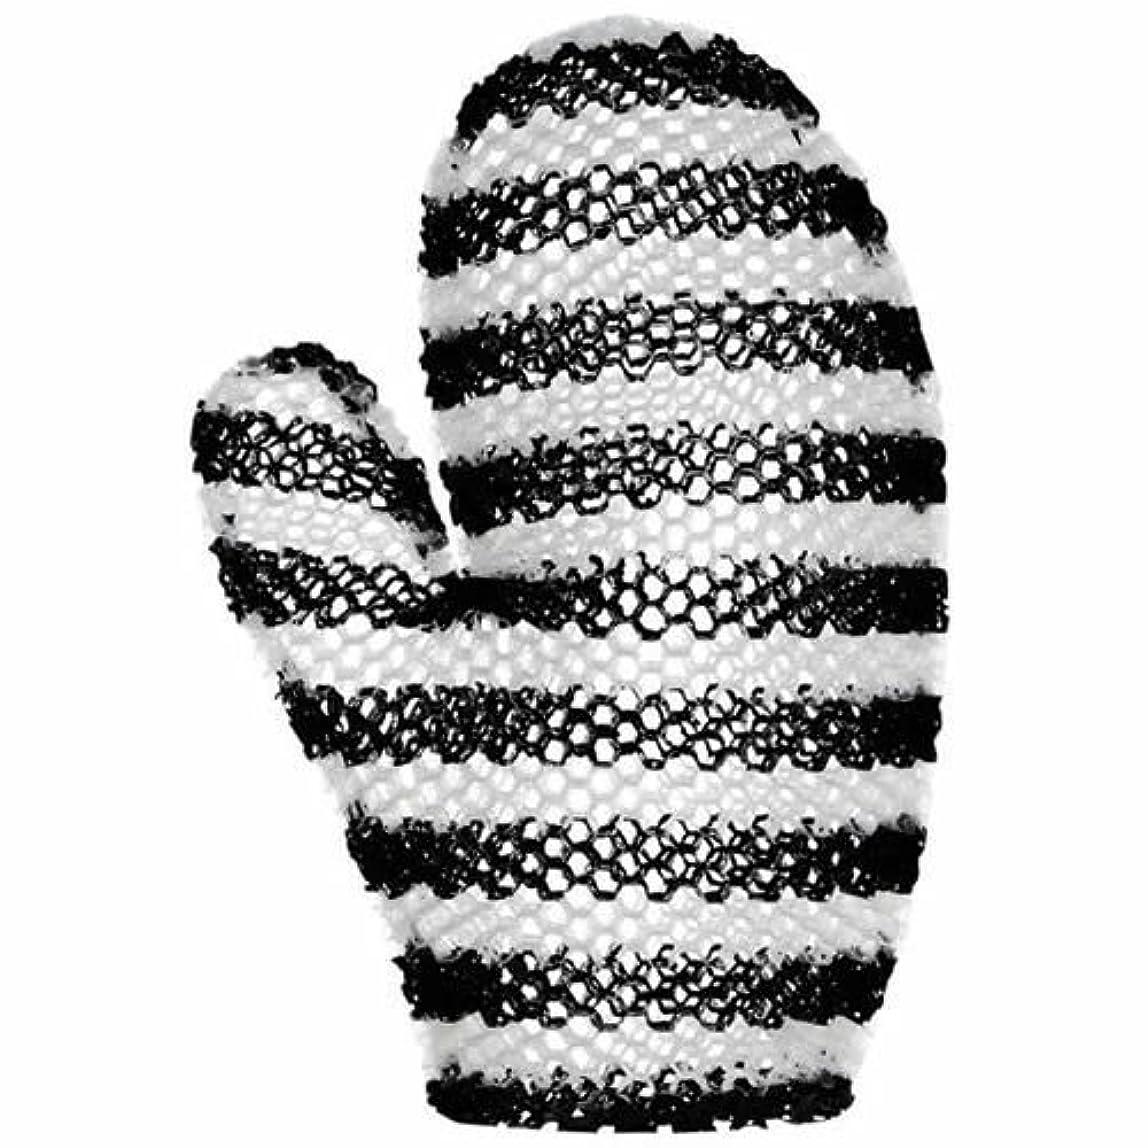 ゲインセイメロディアスインシュレータスプラコール ハニカム(ミット) ブラック&ホワイト